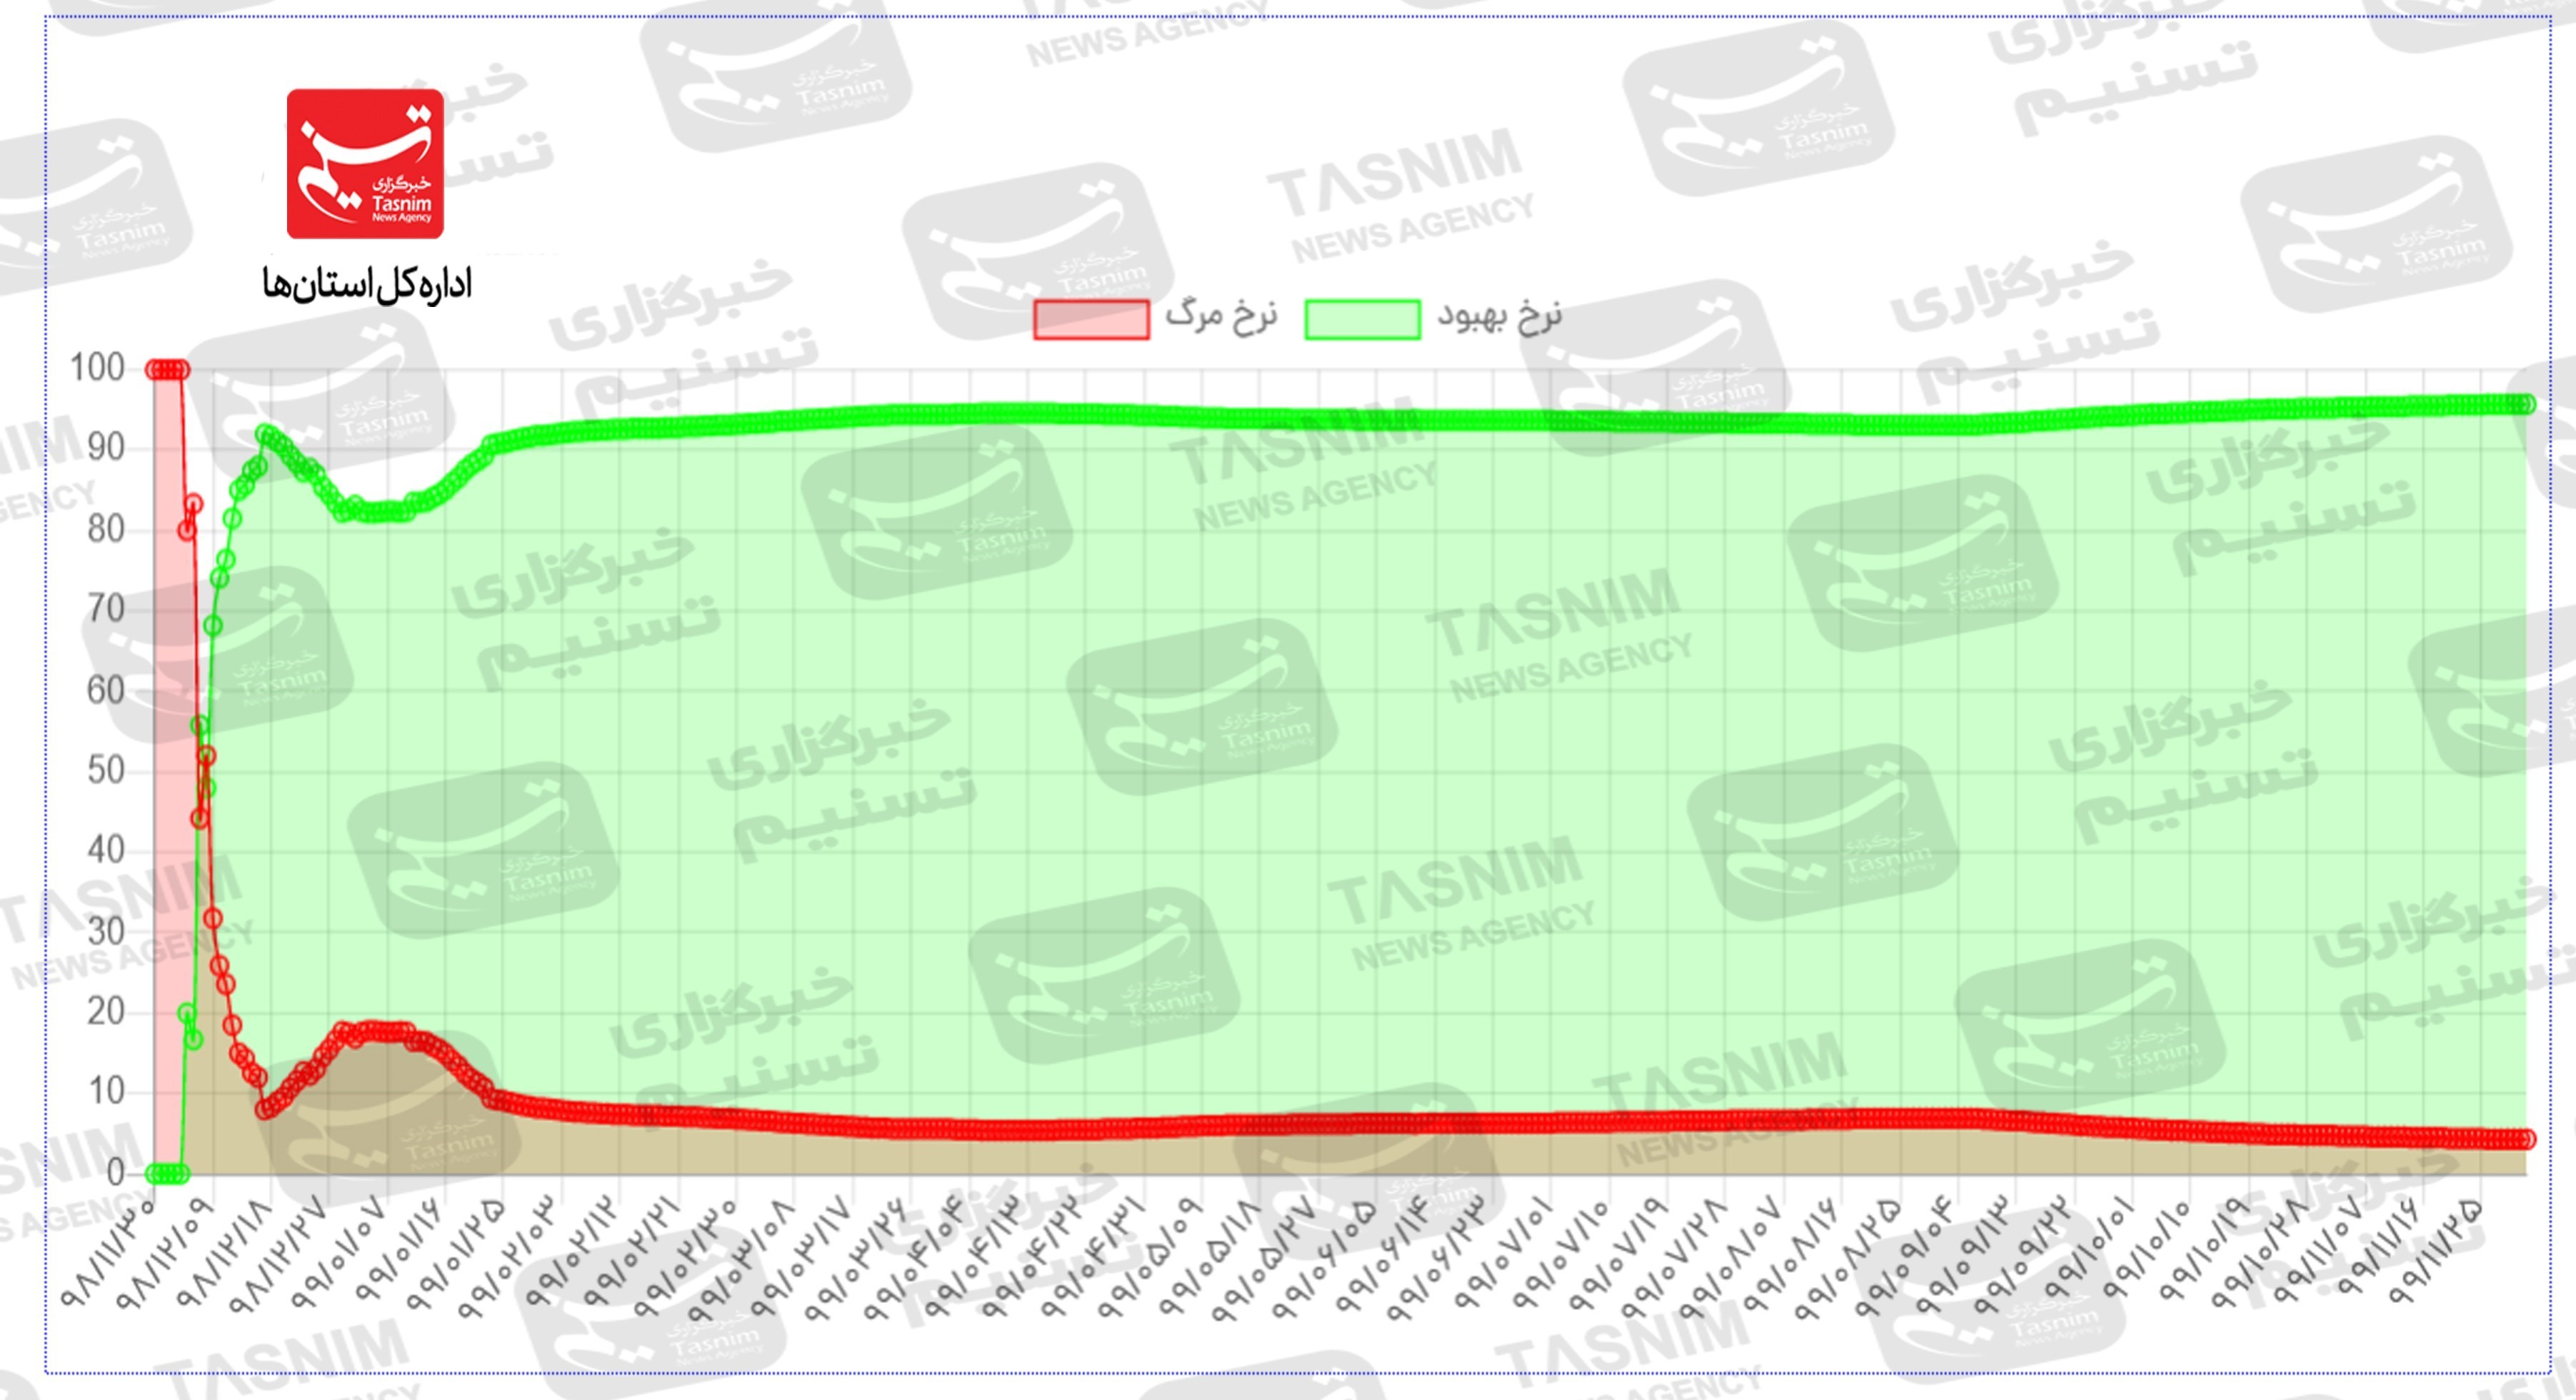 13991203101642757222827110 - تازهترین اخبار کویید ۱۹ در ایران|ویروس انگلیس آمد همه نمودارها صعودی شد/زنگ خطر همهگیری در استانهای همجوار خوزستان به صدا درآمد + جدول و نقشه